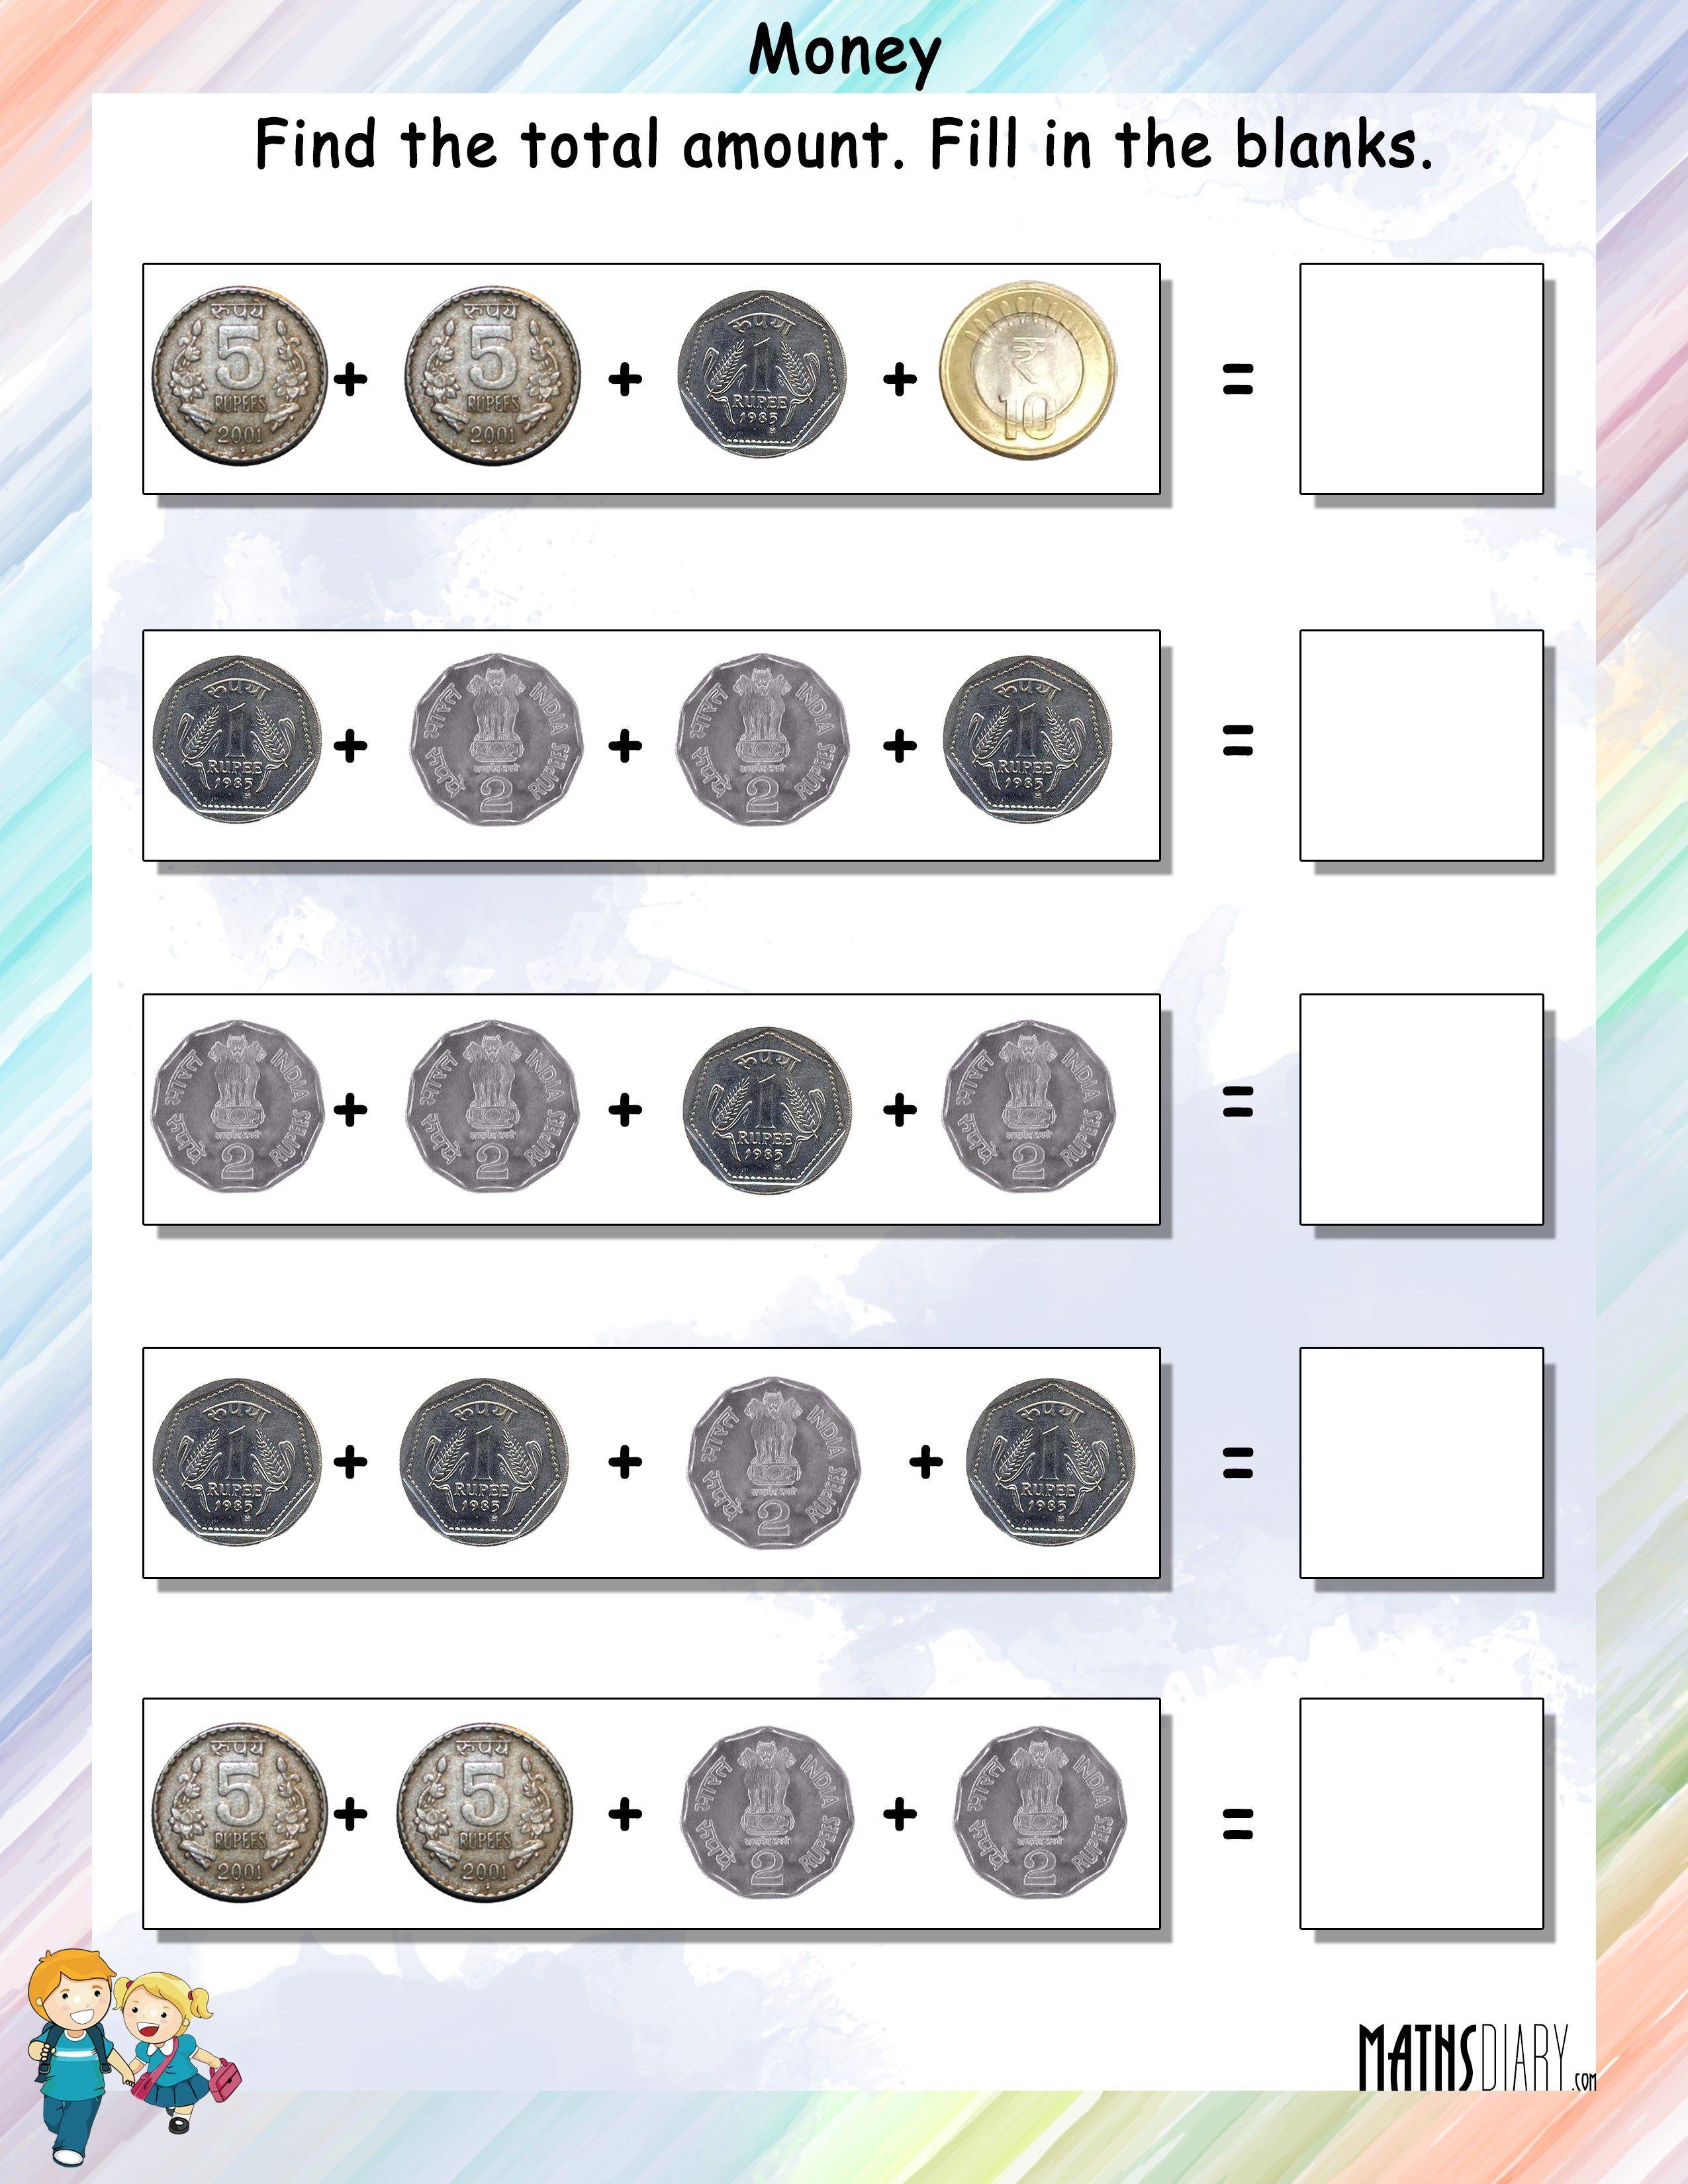 Money Worksheet For Grade 3 In Rupees